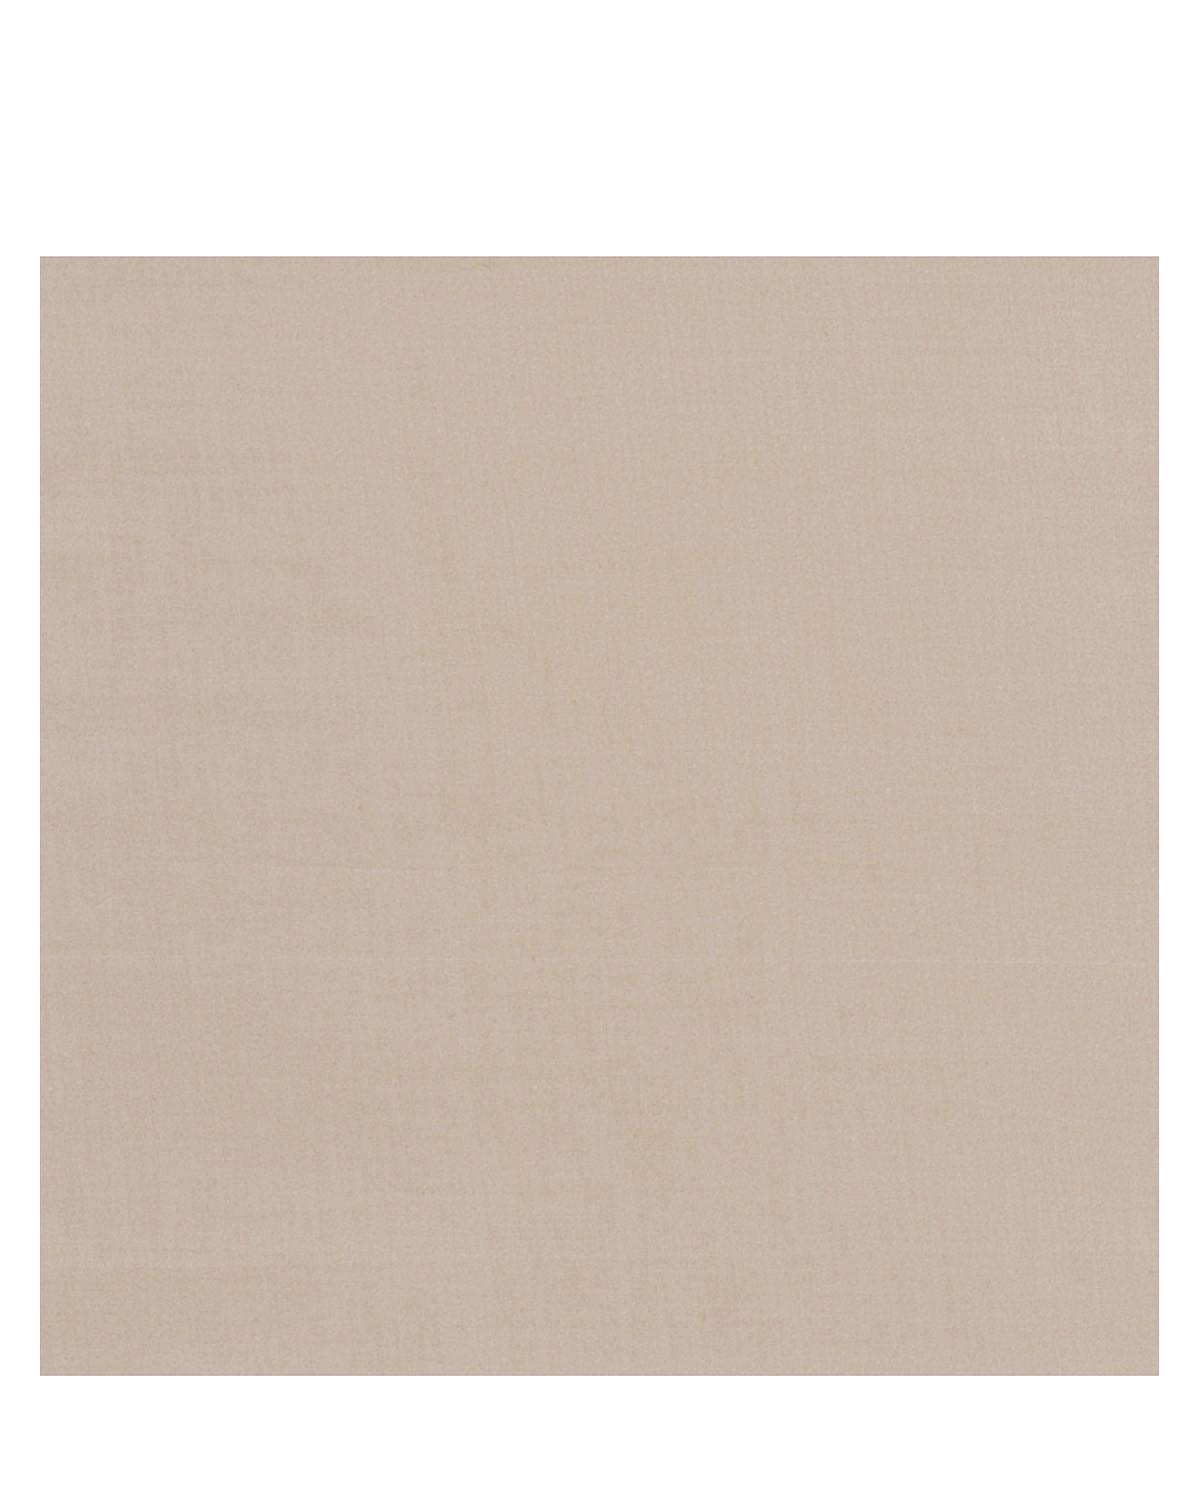 Image of   Rothco Bandana 5 (Khaki, One Size)